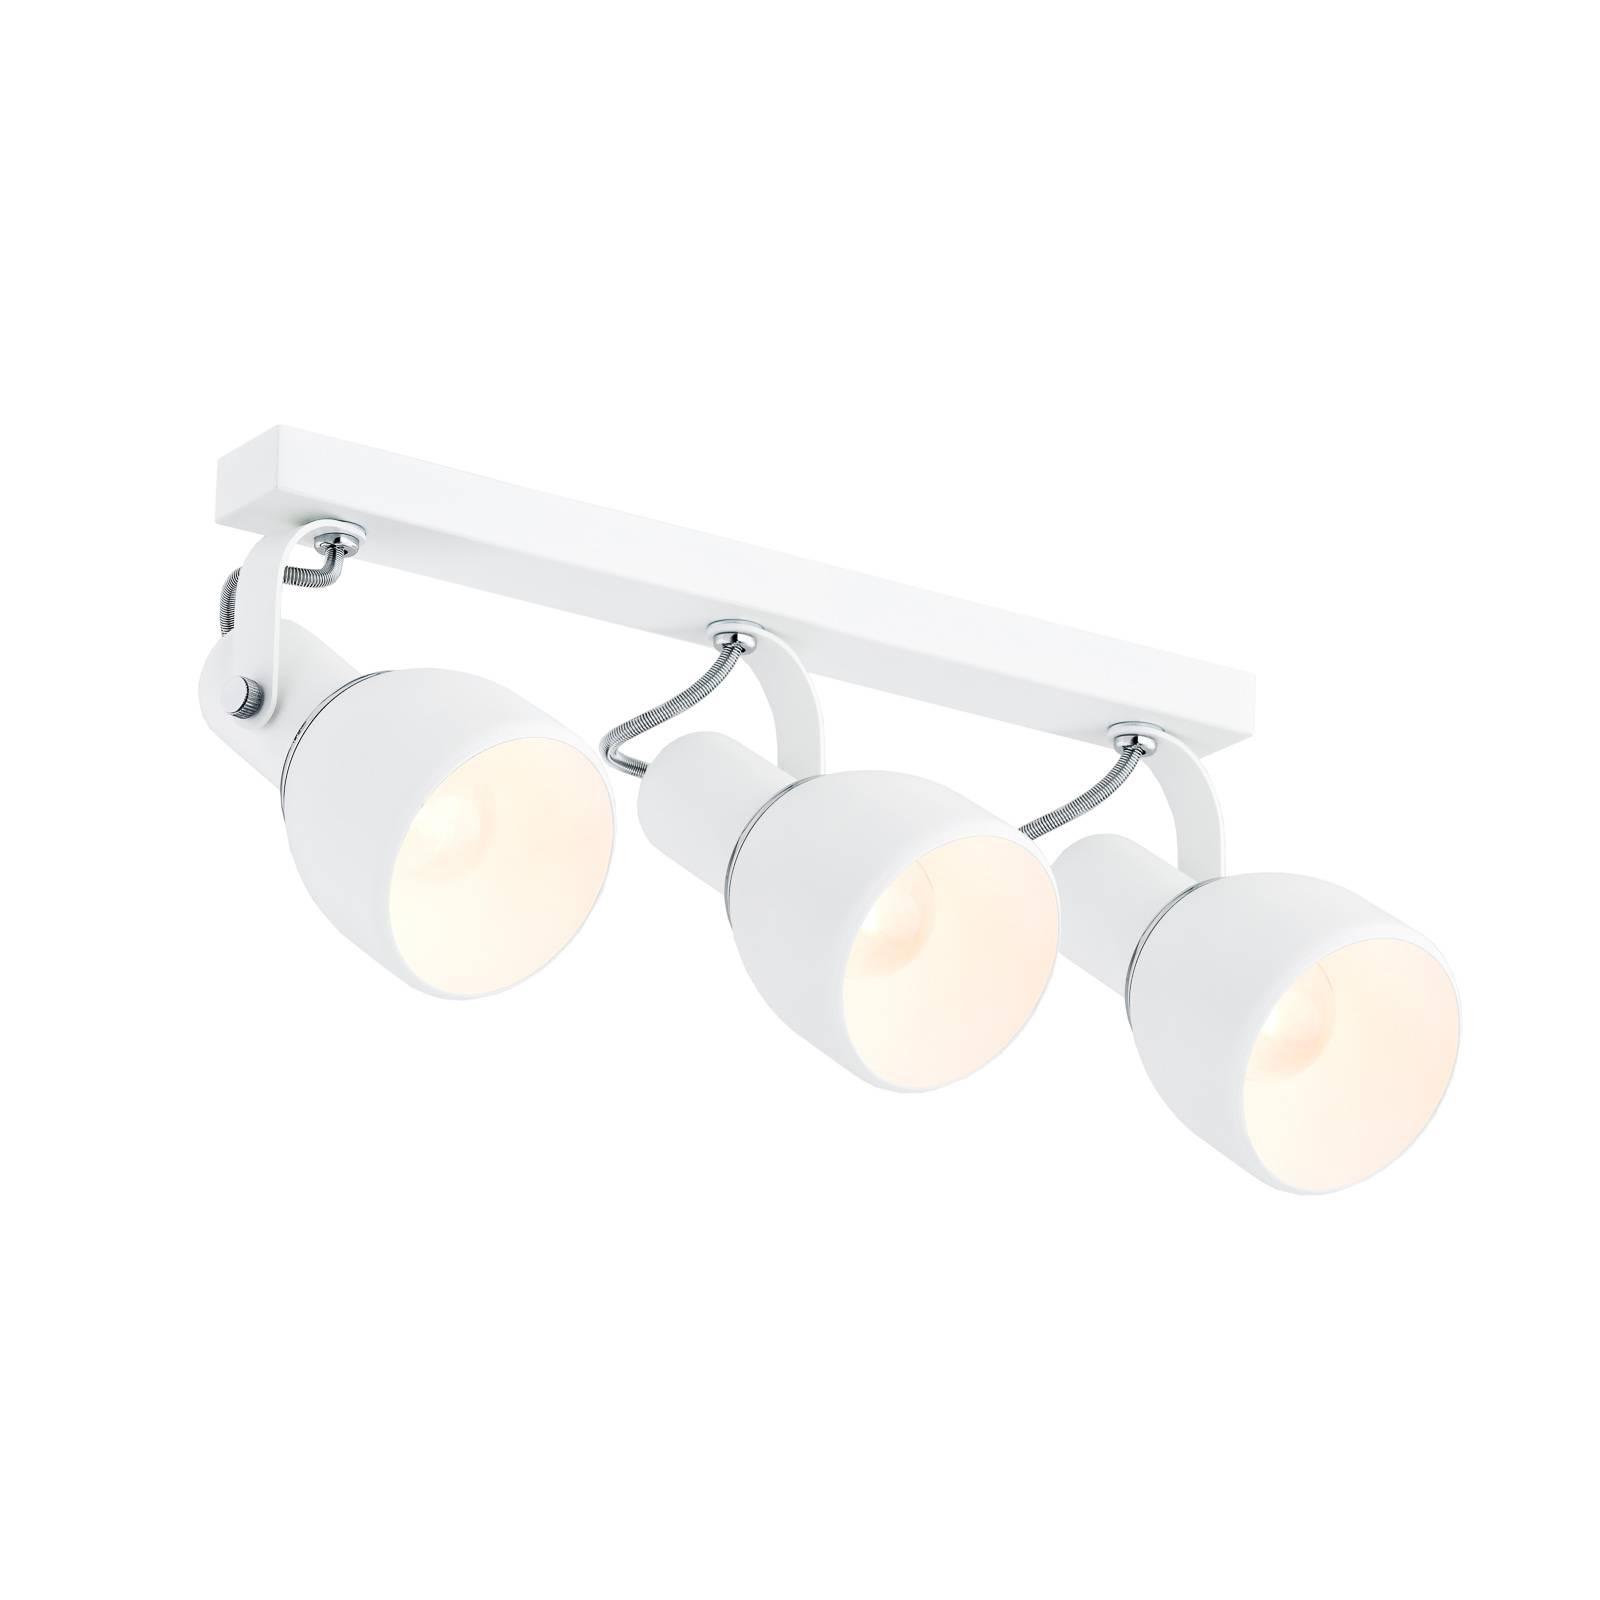 EULUNA Stropní reflektor Fiord, tři zdroje, bílý